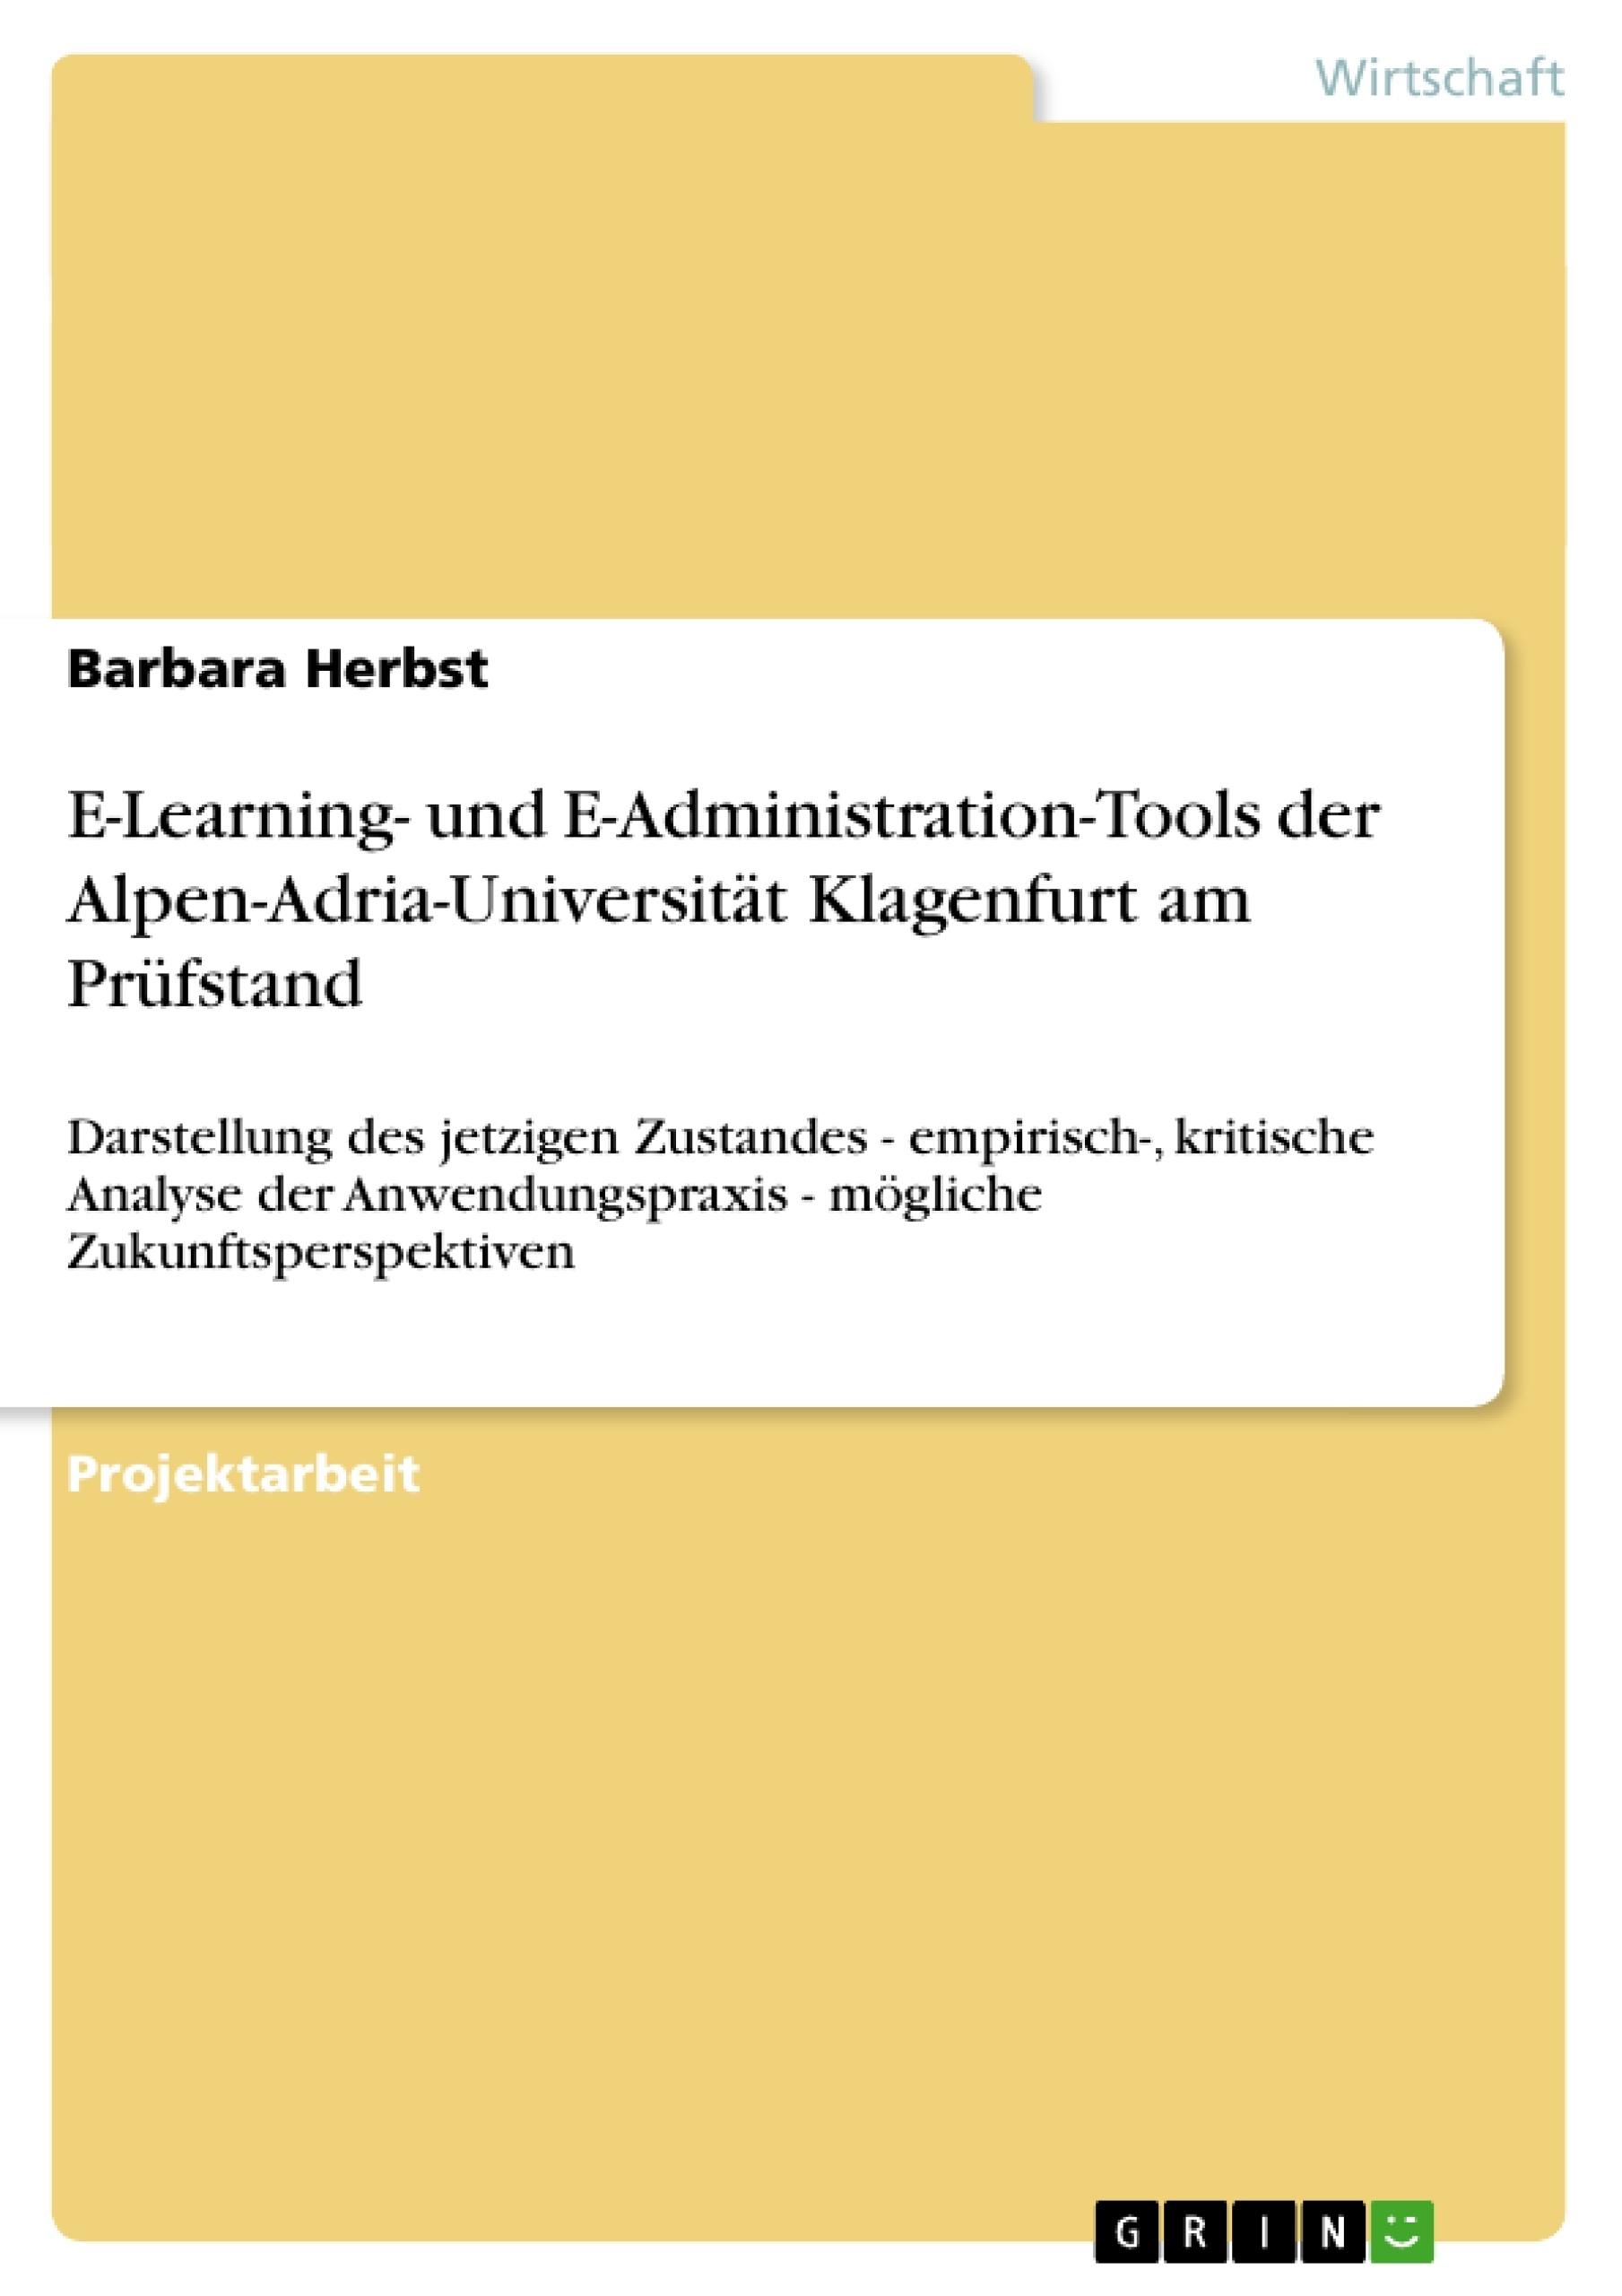 Titel: E-Learning- und E-Administration-Tools der Alpen-Adria-Universität Klagenfurt am Prüfstand